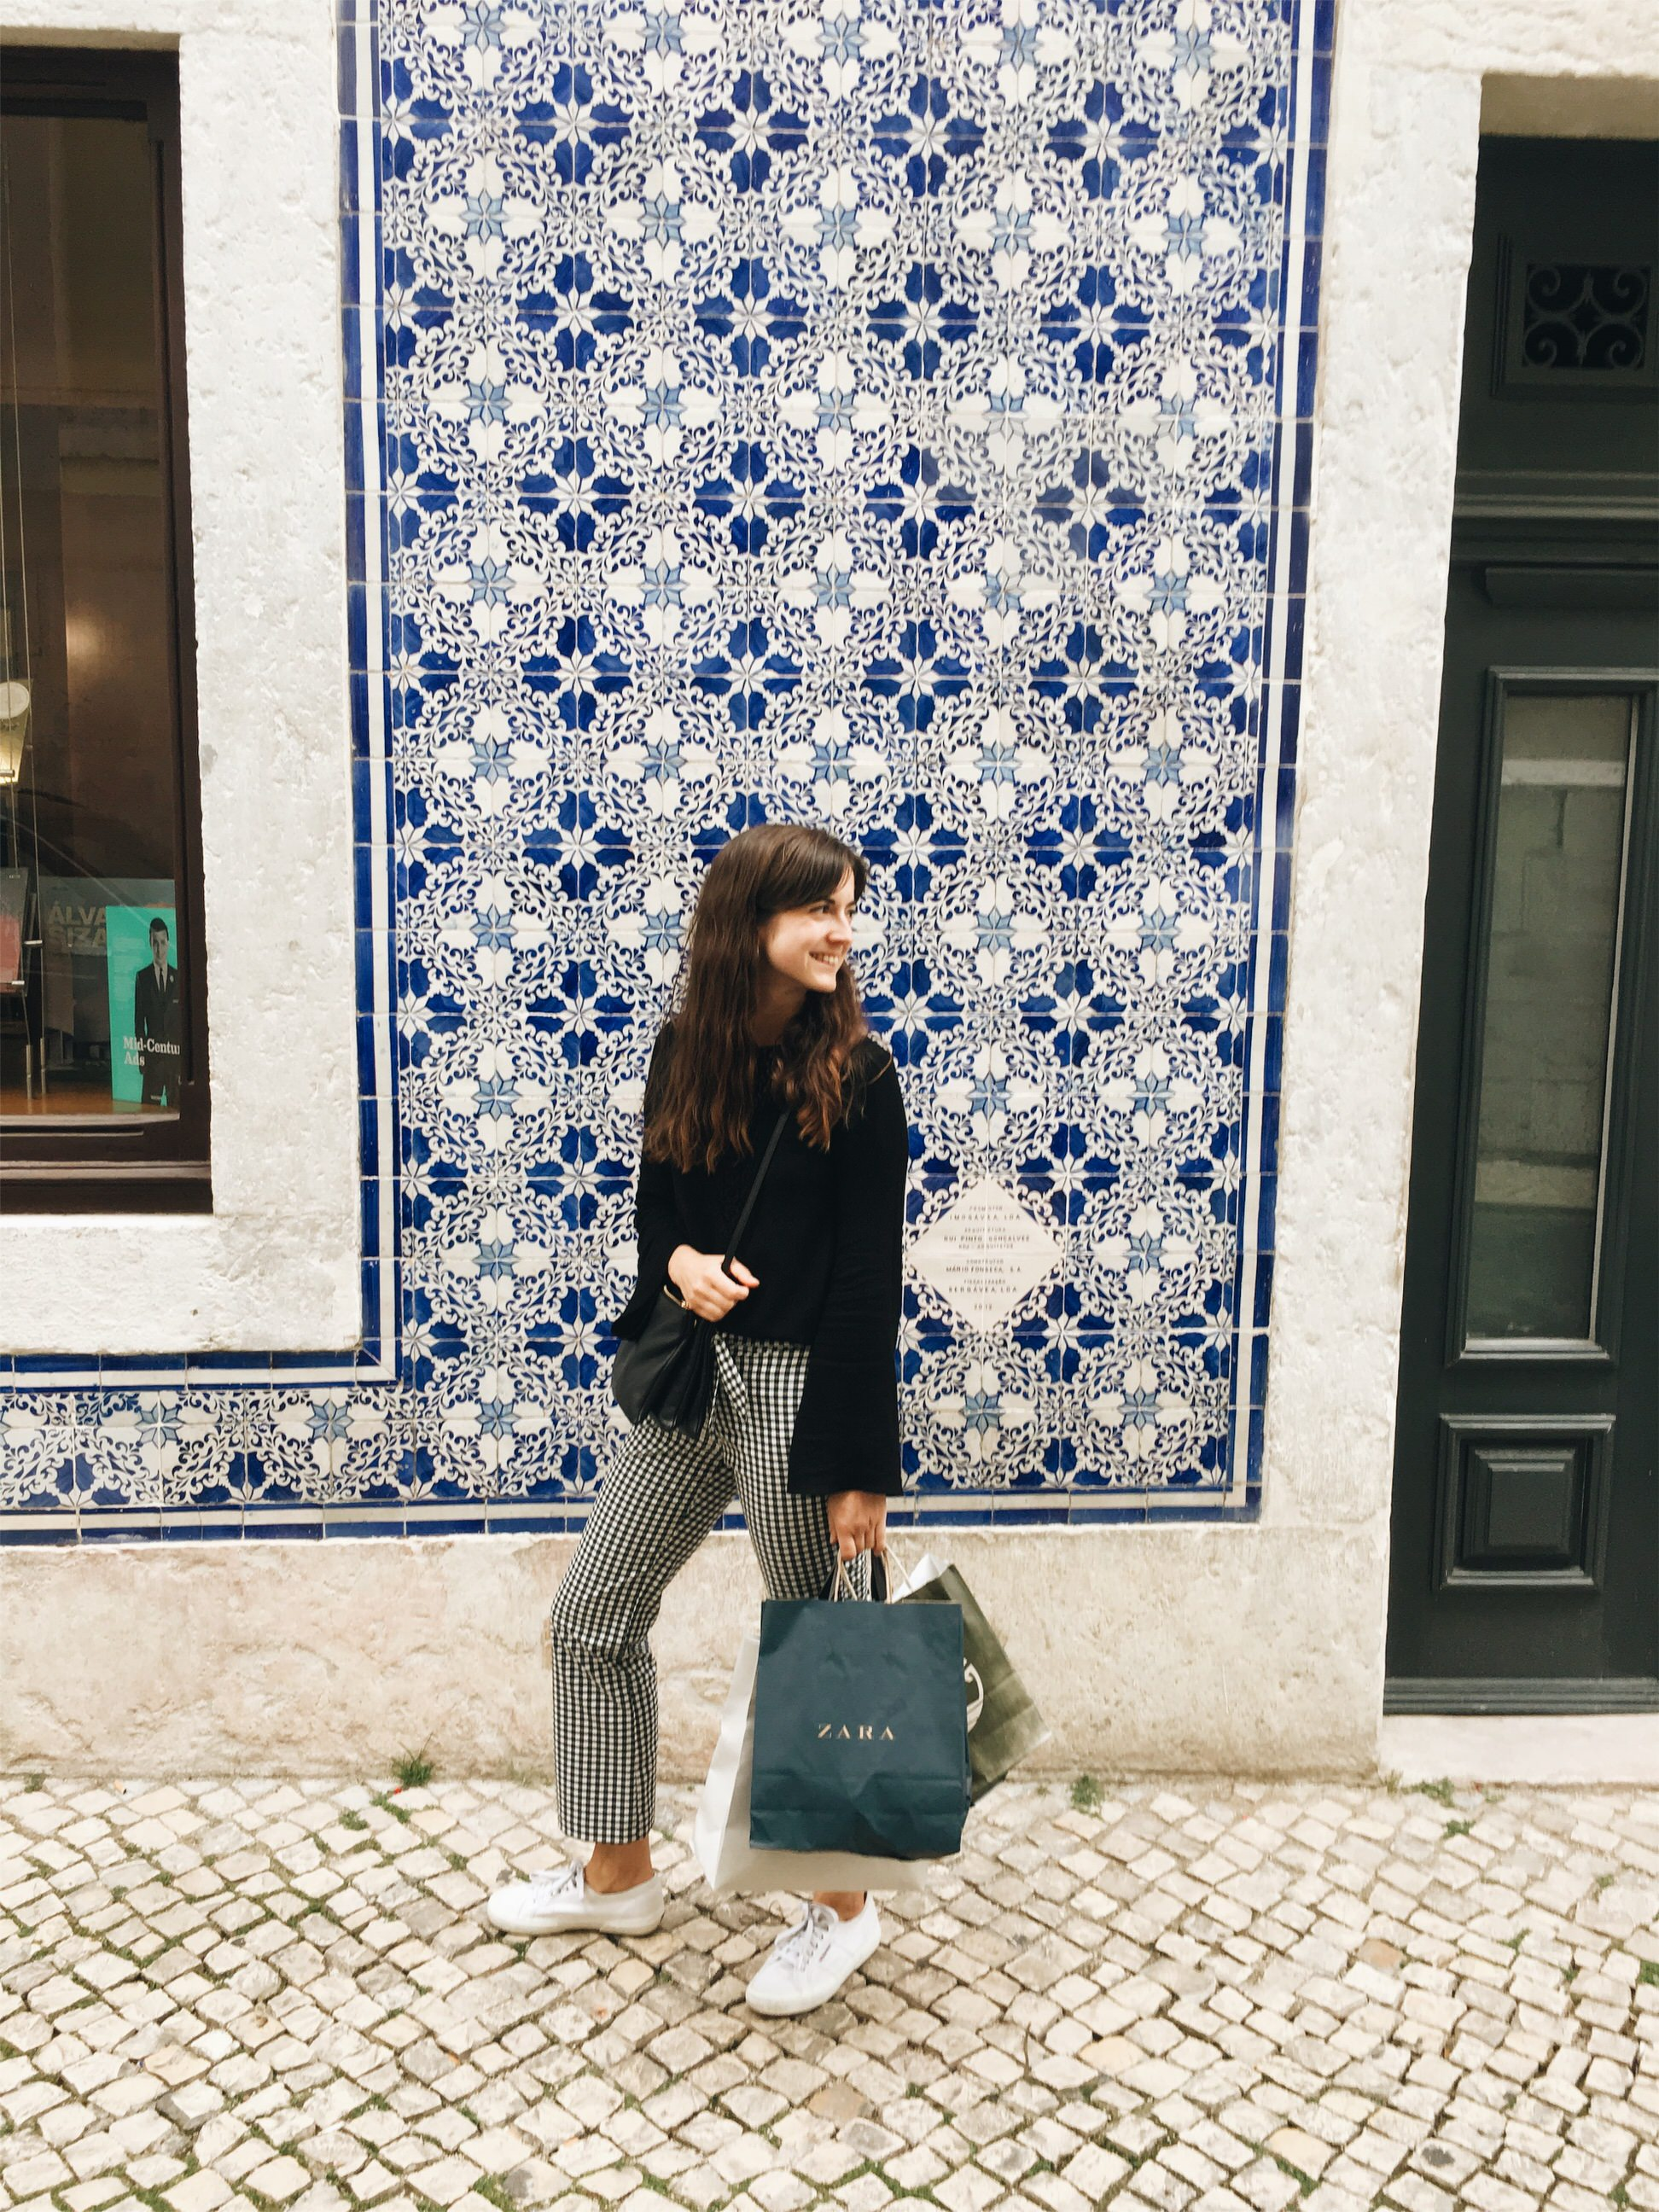 Reisebericht Lissabon Shoppingtipps und Reisetipps für einen Citytrip